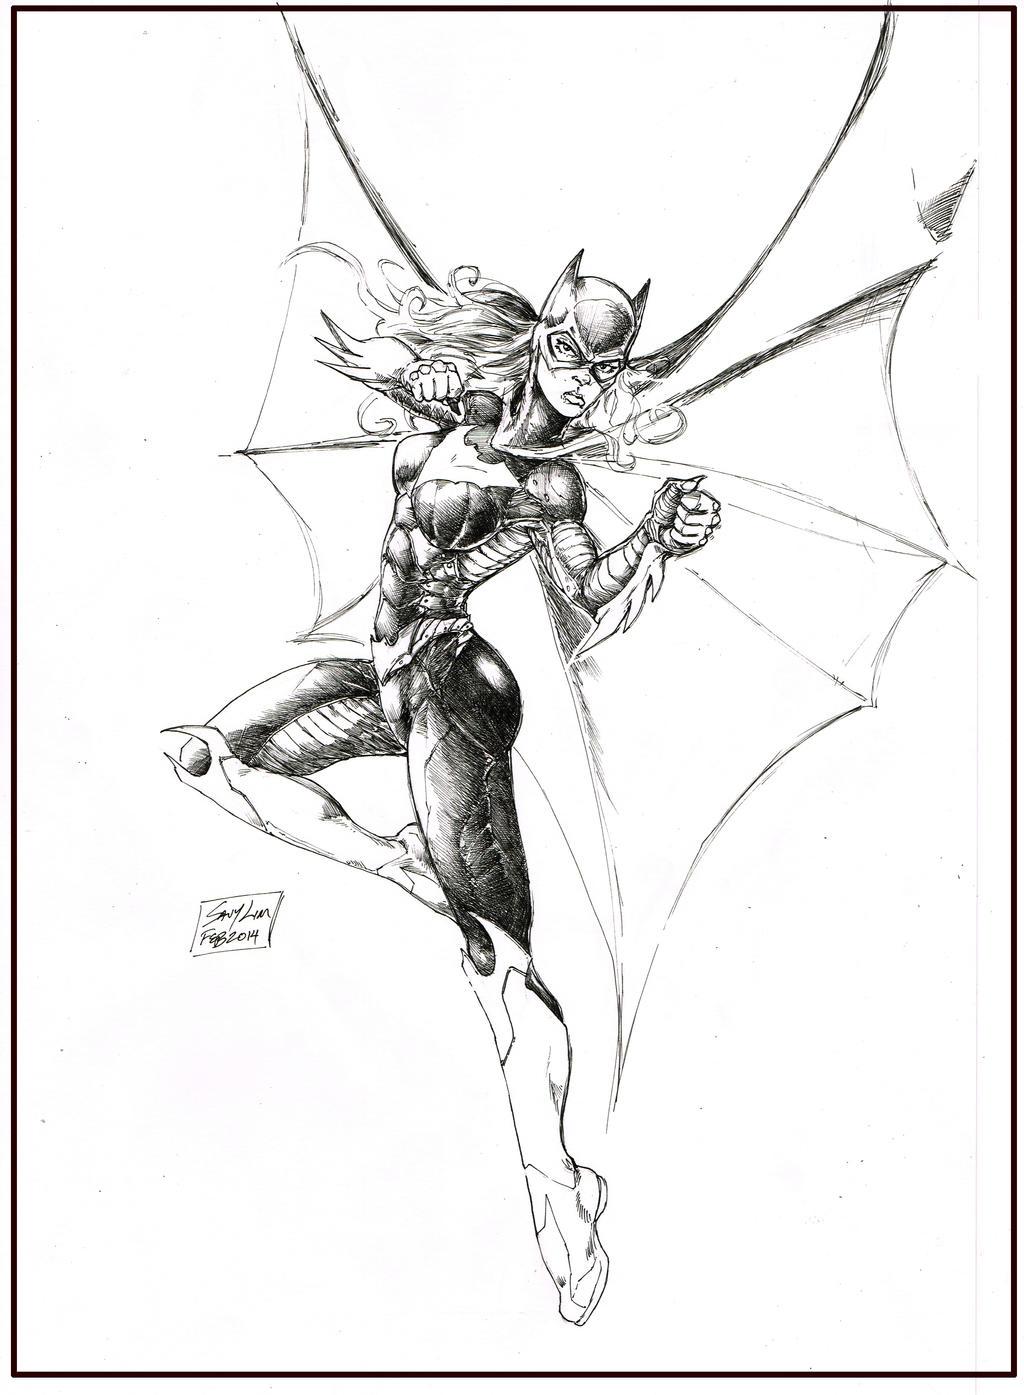 BatGirl Kung Fu Savy Lim by SlimJive